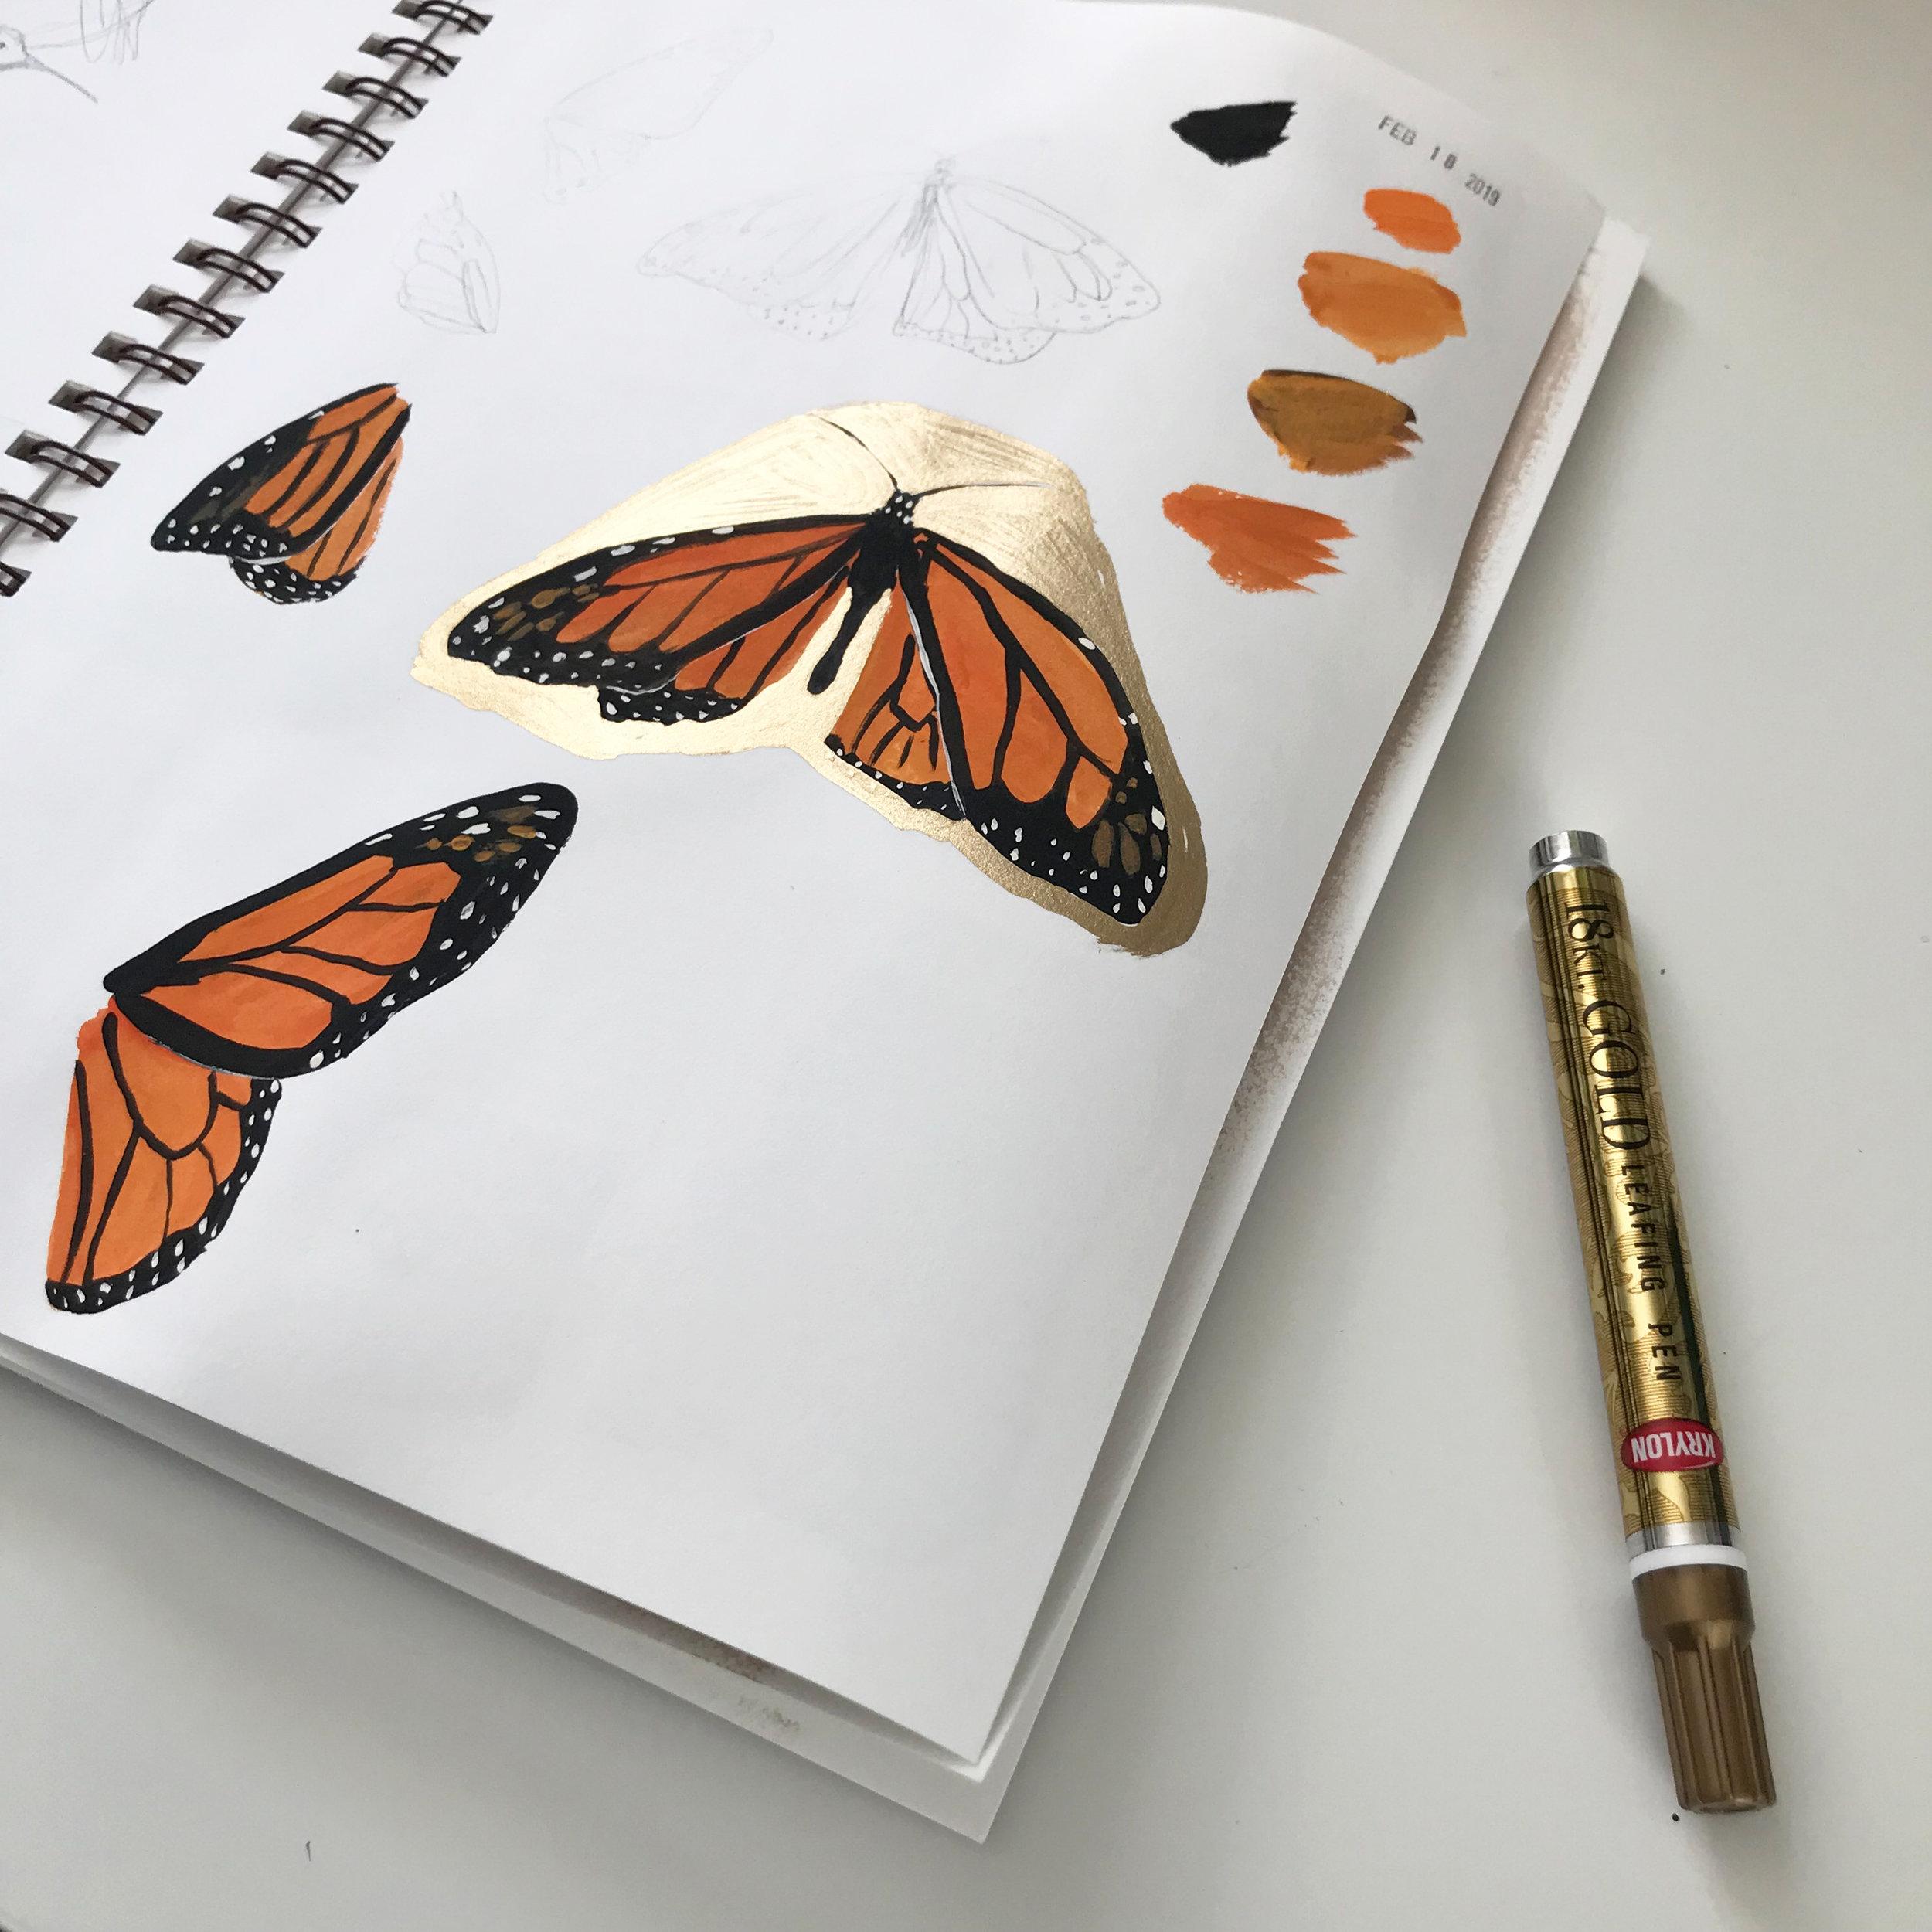 Gold Krylon Leafing Pen in My Sketchbook